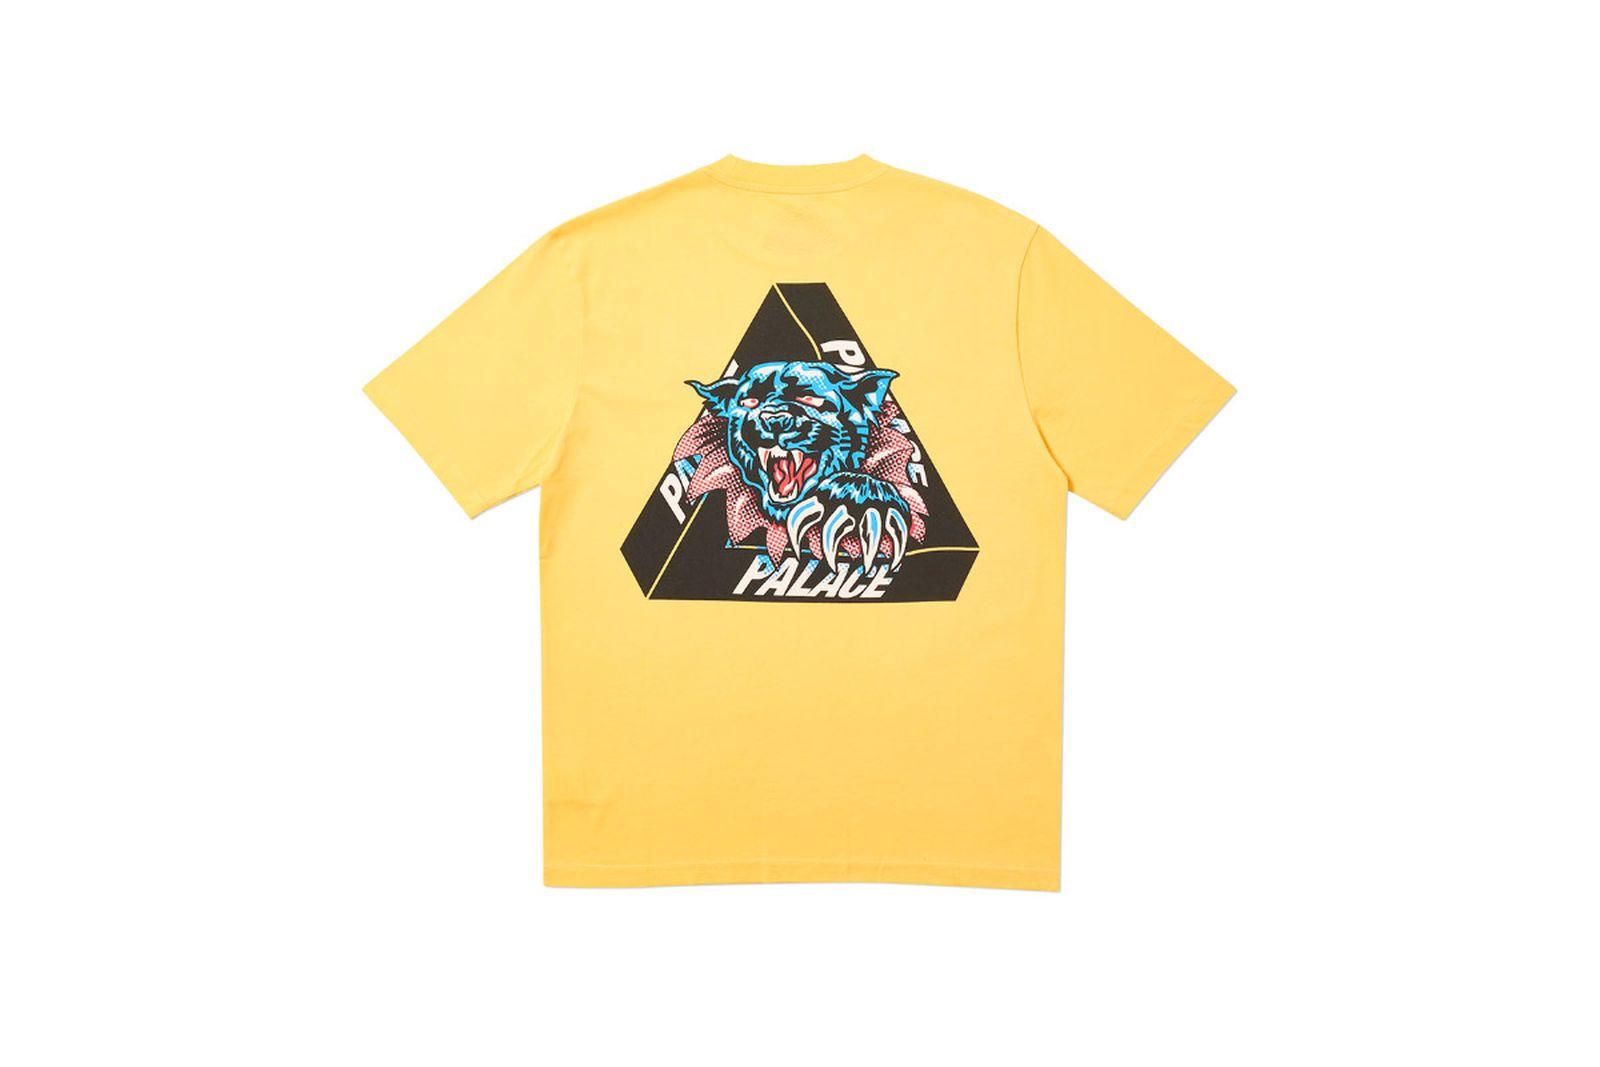 Palace 2019 Autumn T Shirt Ripped yellow back